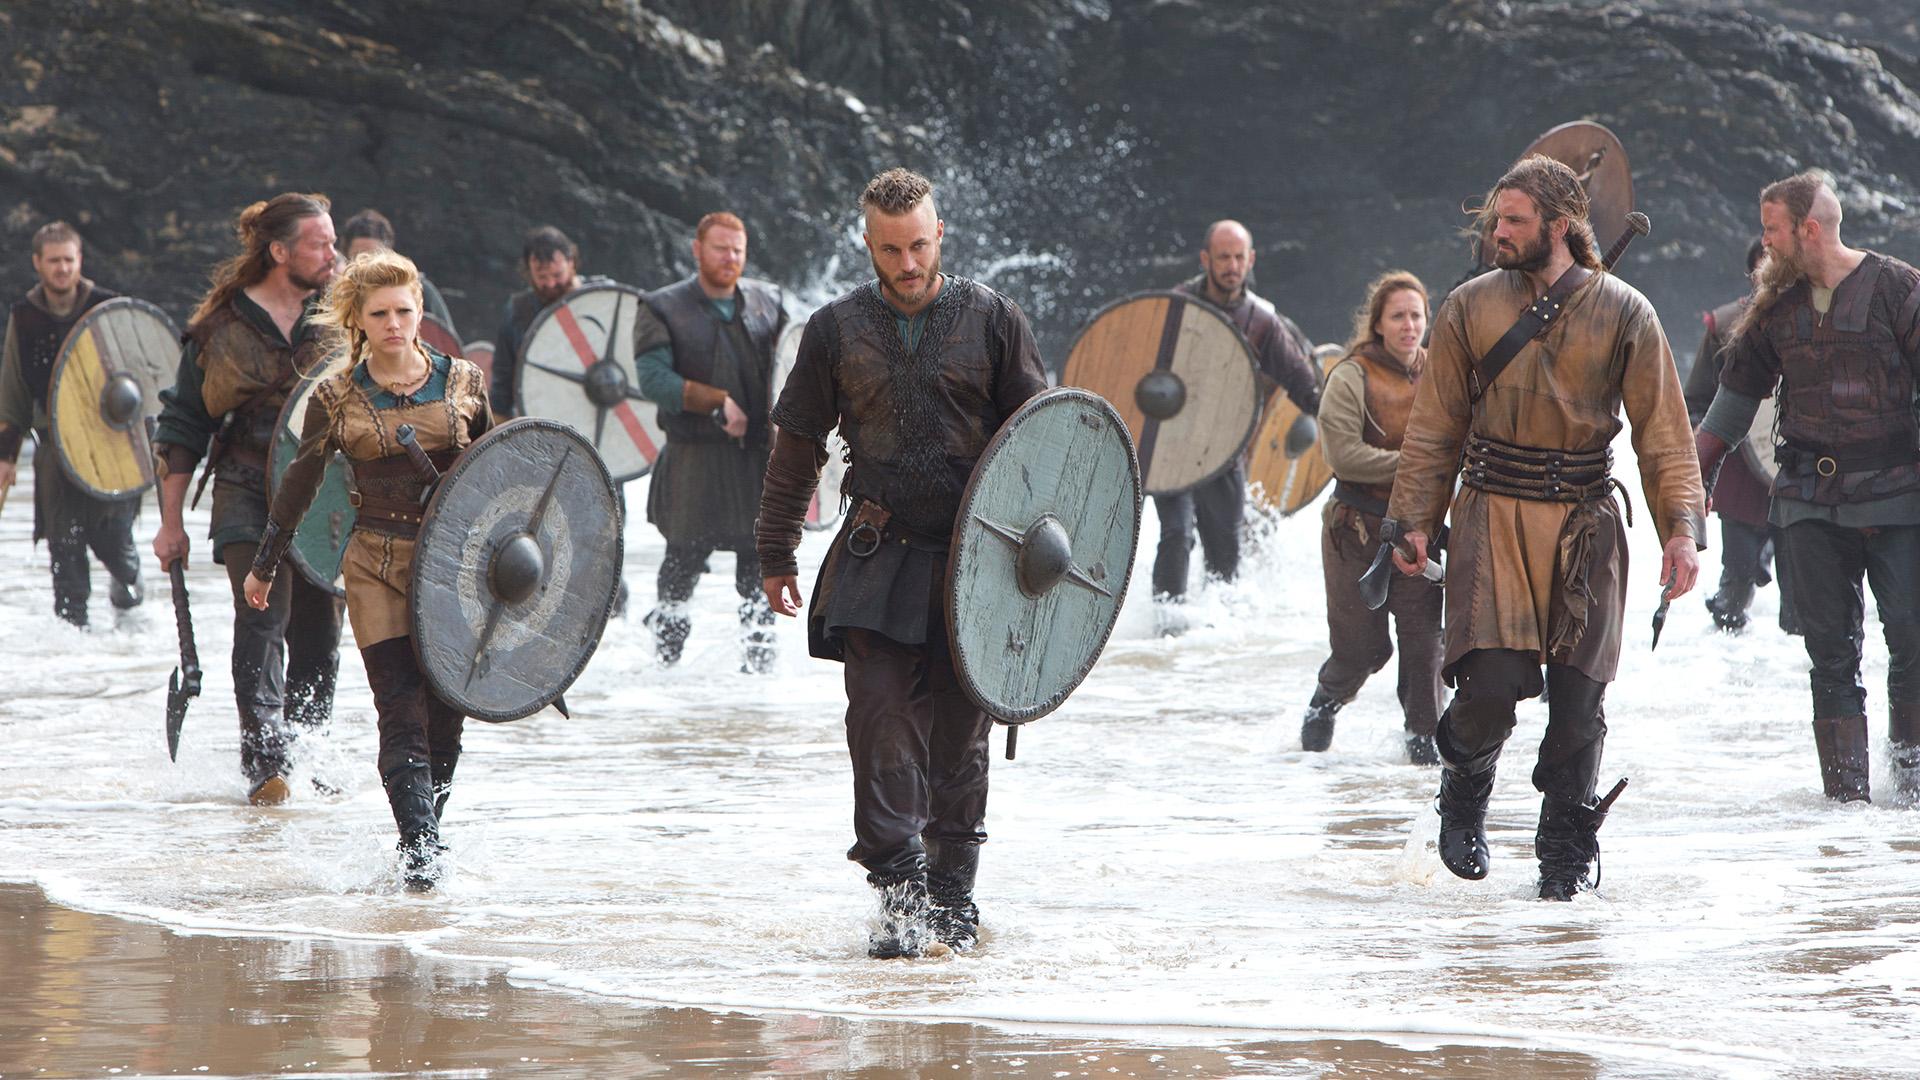 Vikings wallpaper 7